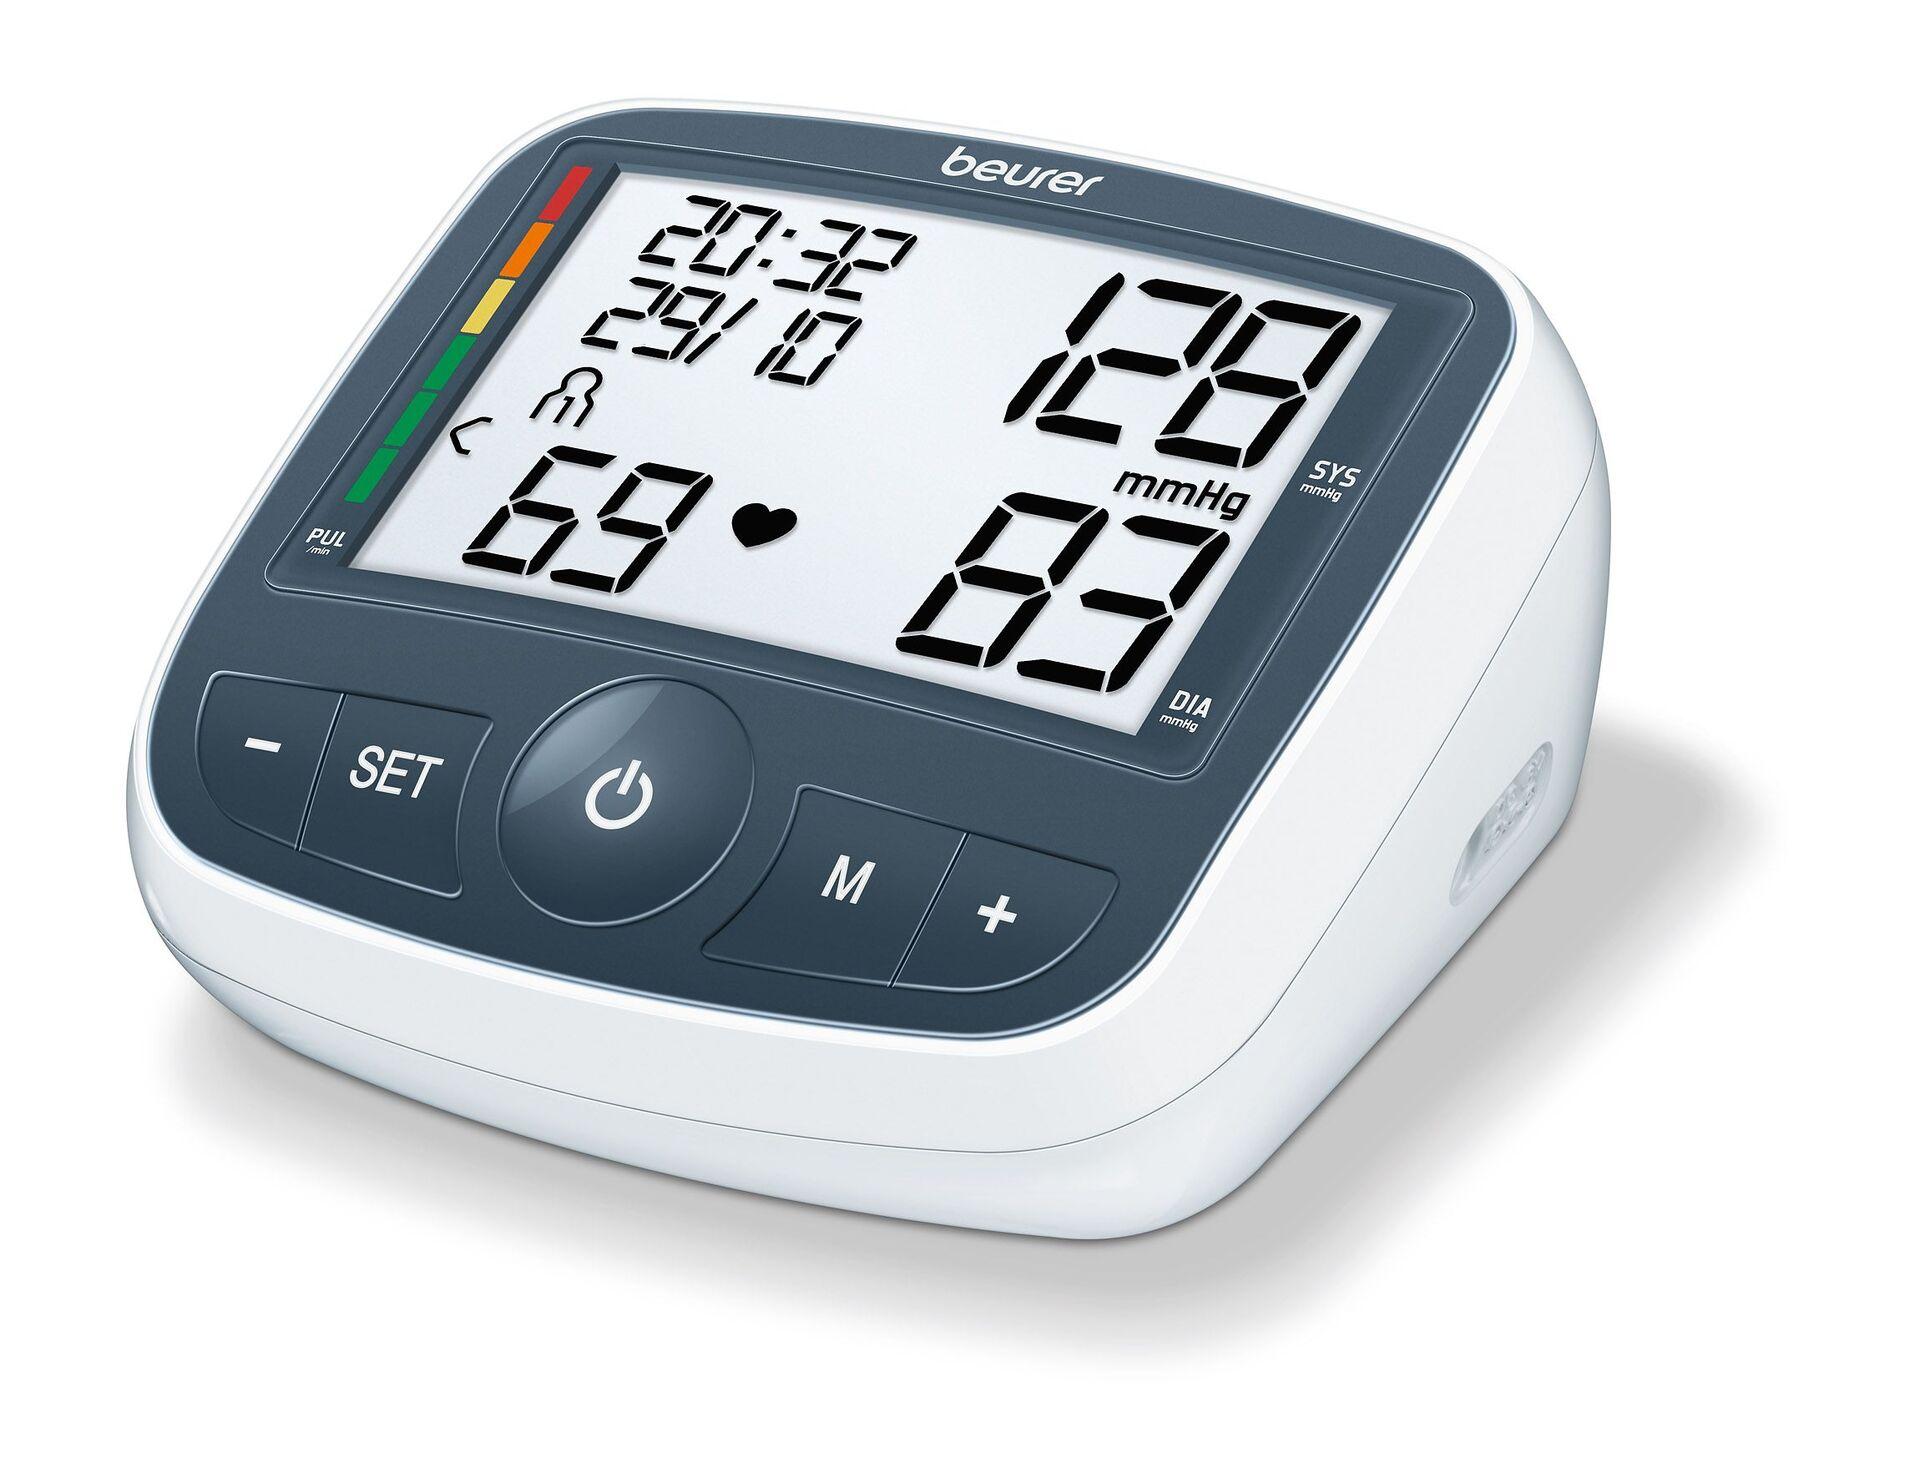 Апарат за измерване на кръвно налягане Beurer (BM 40) - ofisitebg.com